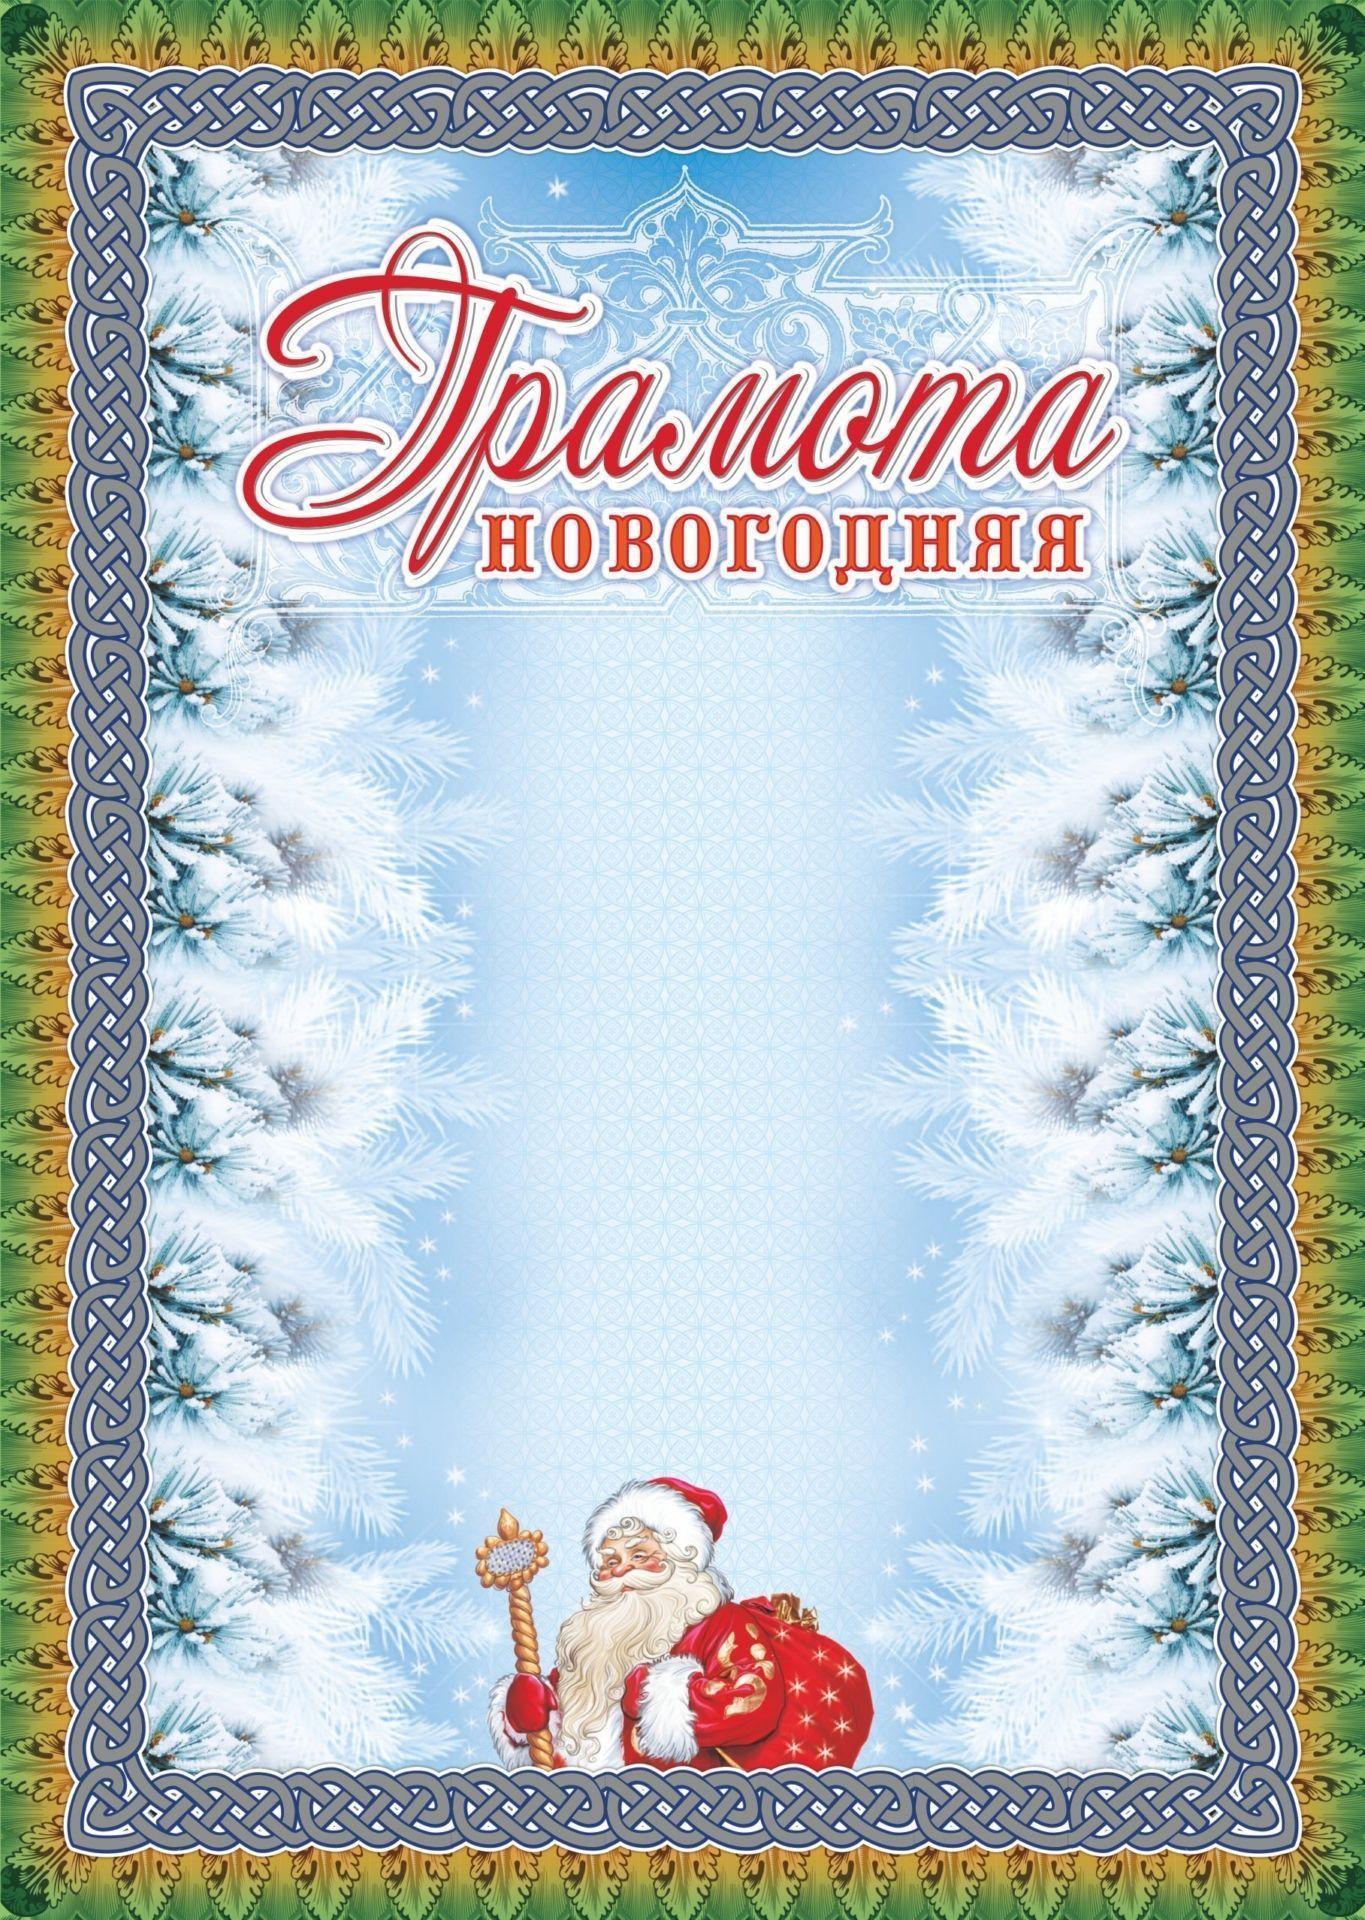 Грамота новогодняя (серебро)